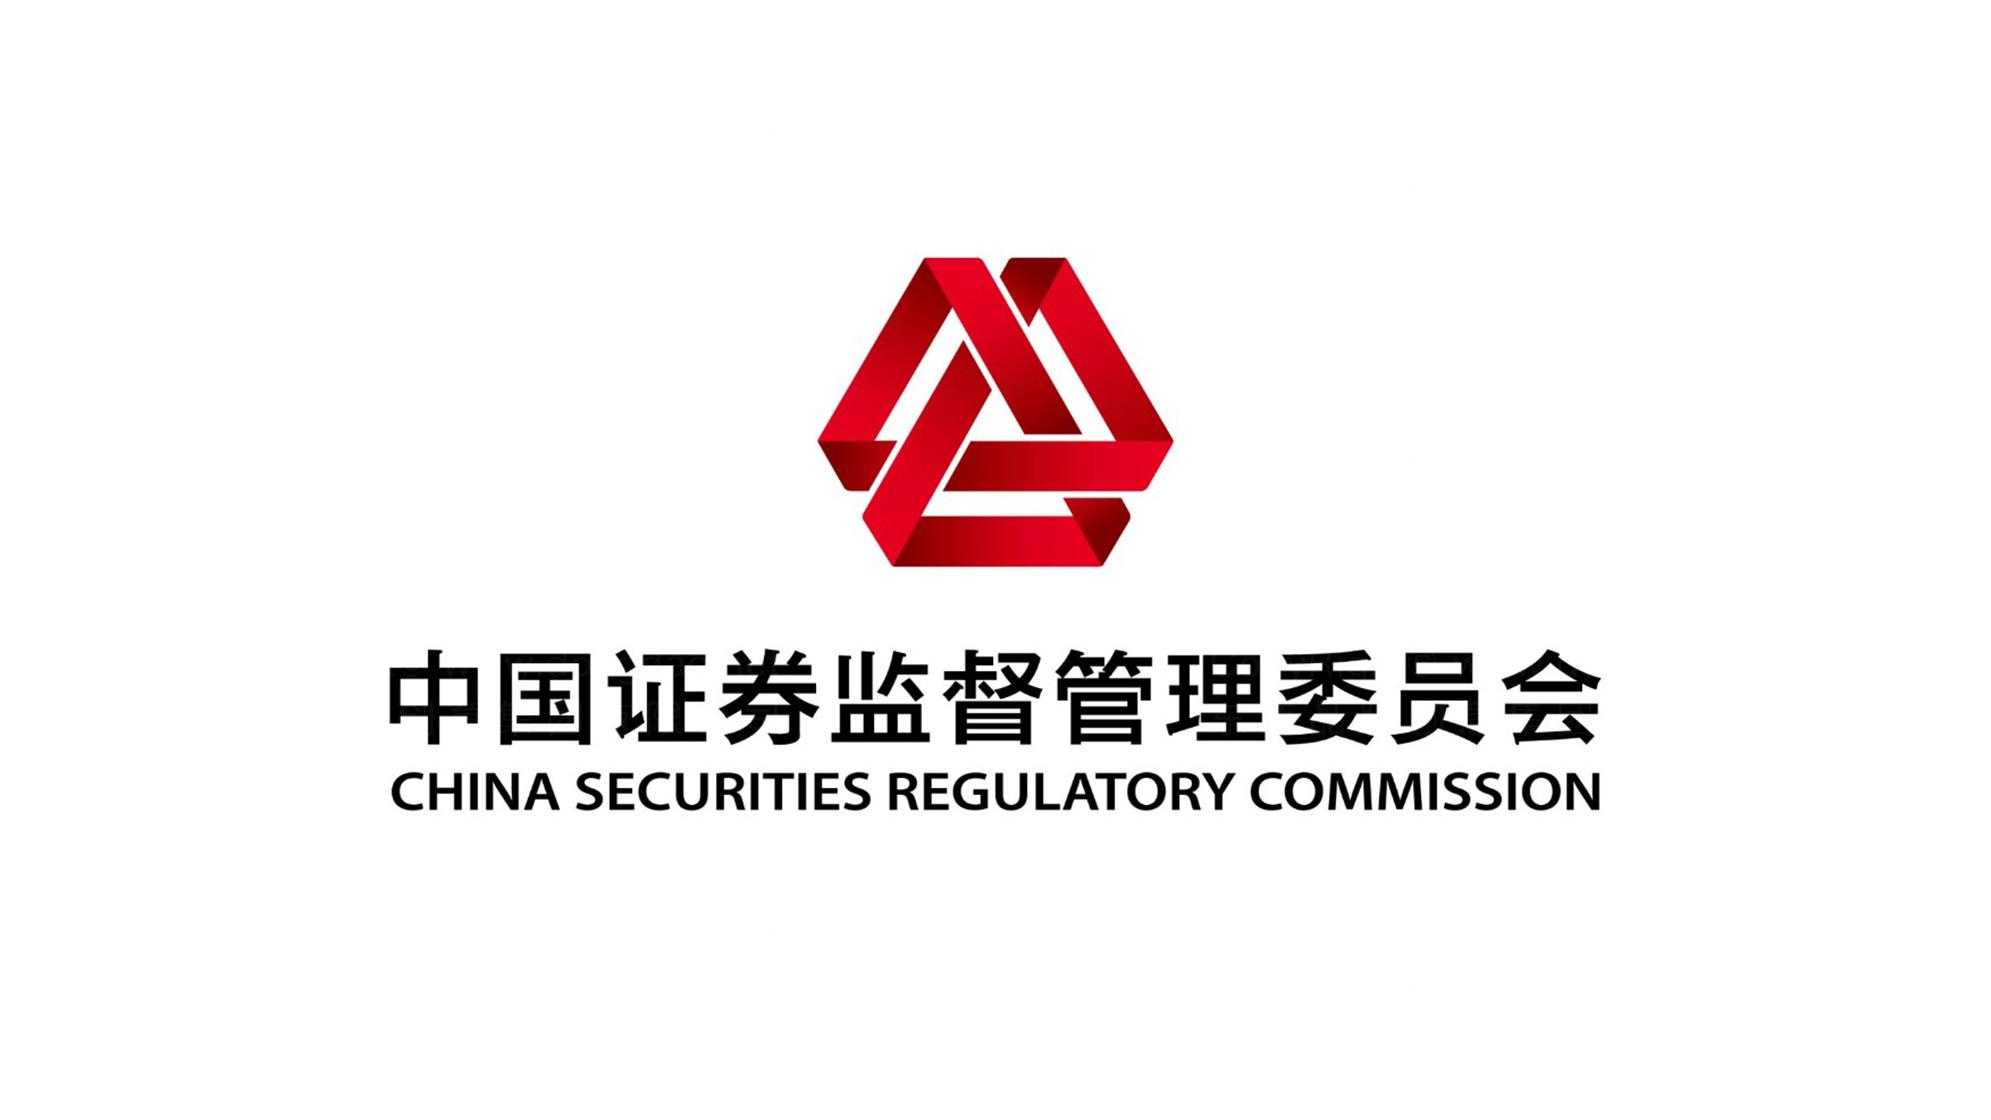 品牌设计中国证监会LOGO&VI设计应用